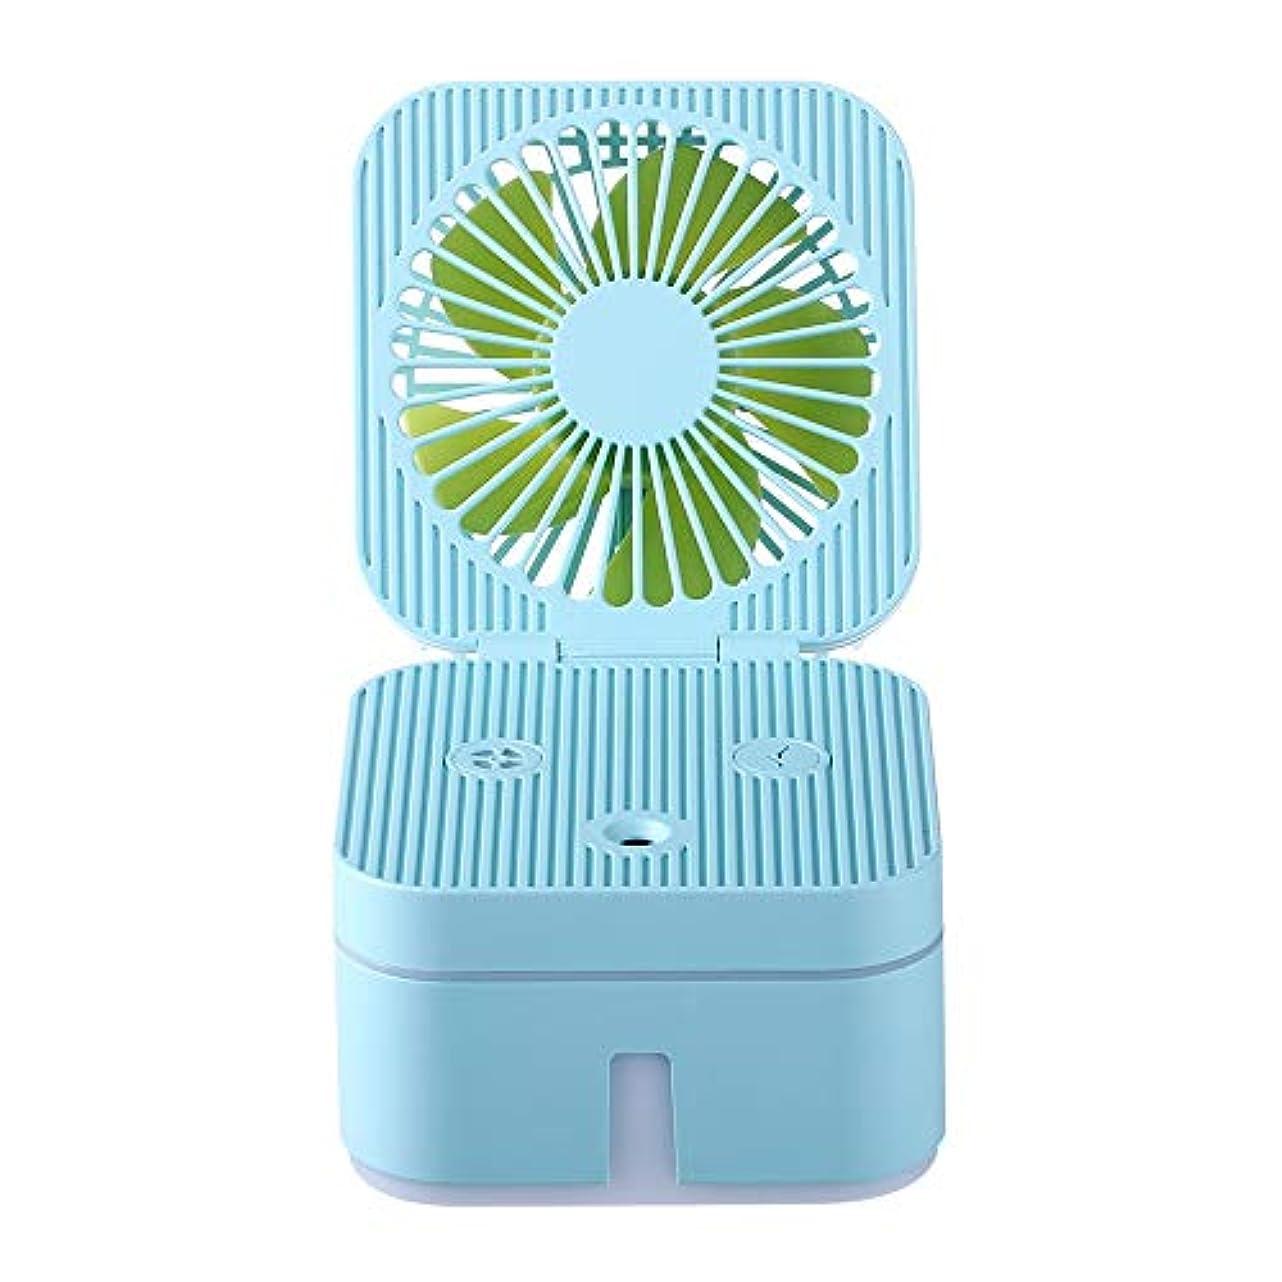 相対サイズ半球読むZXF 容量保湿美容機器ABS素材USB充電加湿器ウォータースプレーメーターブルー 滑らかである